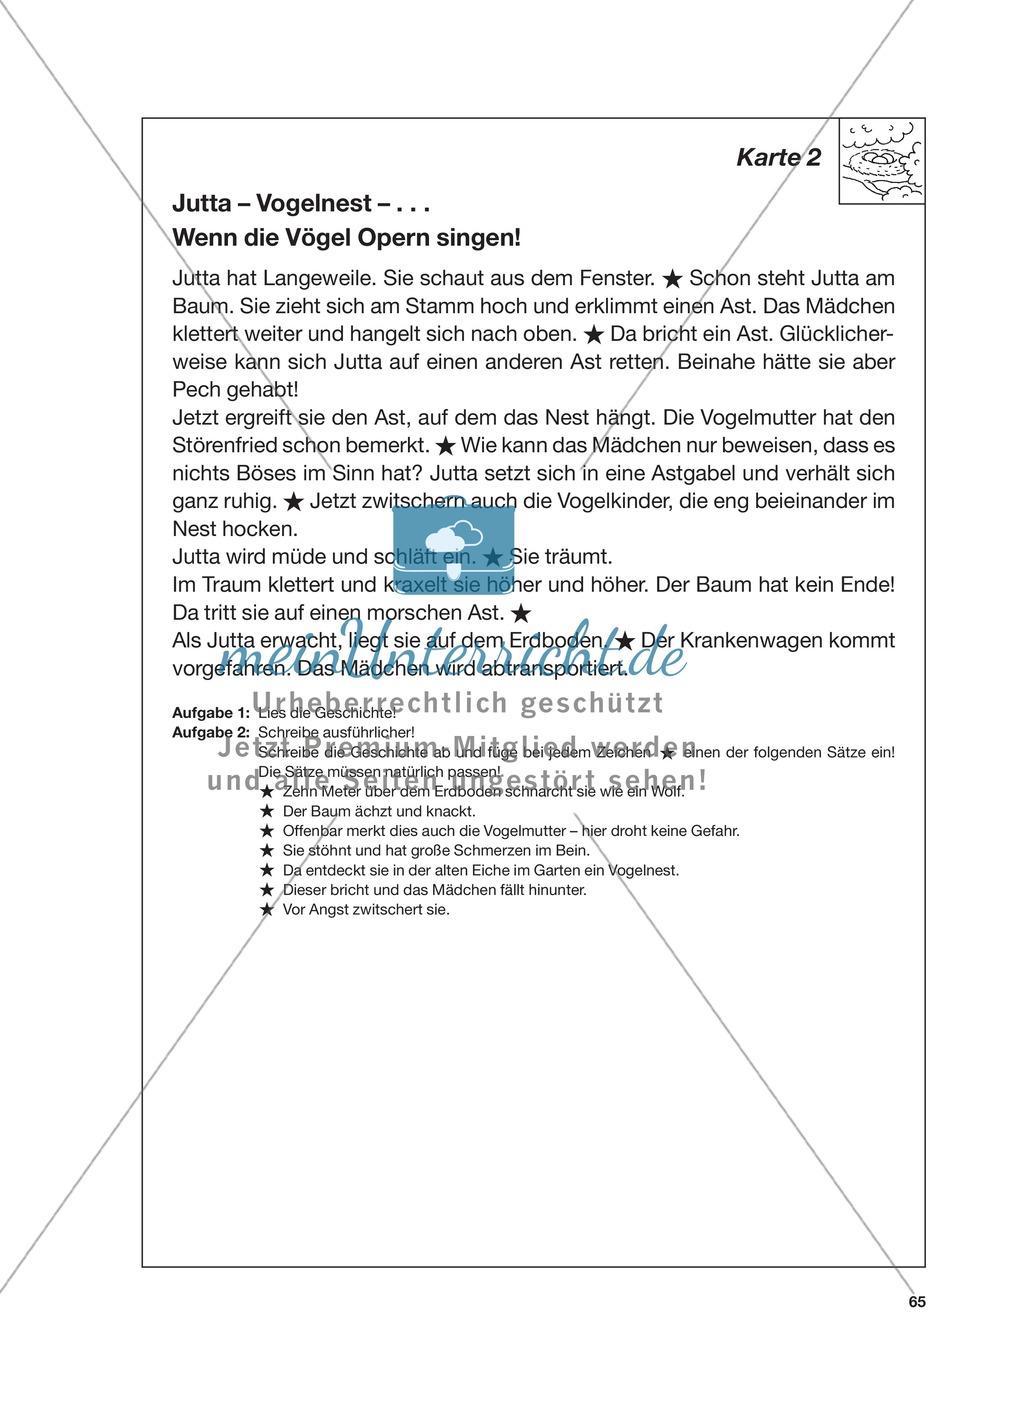 Reizwortgeschichte - Jutta, Vogelnest, ...: Unterrichtsgestaltung, Zuordnungsplan, Übungs- und Kontrollkarten Preview 8